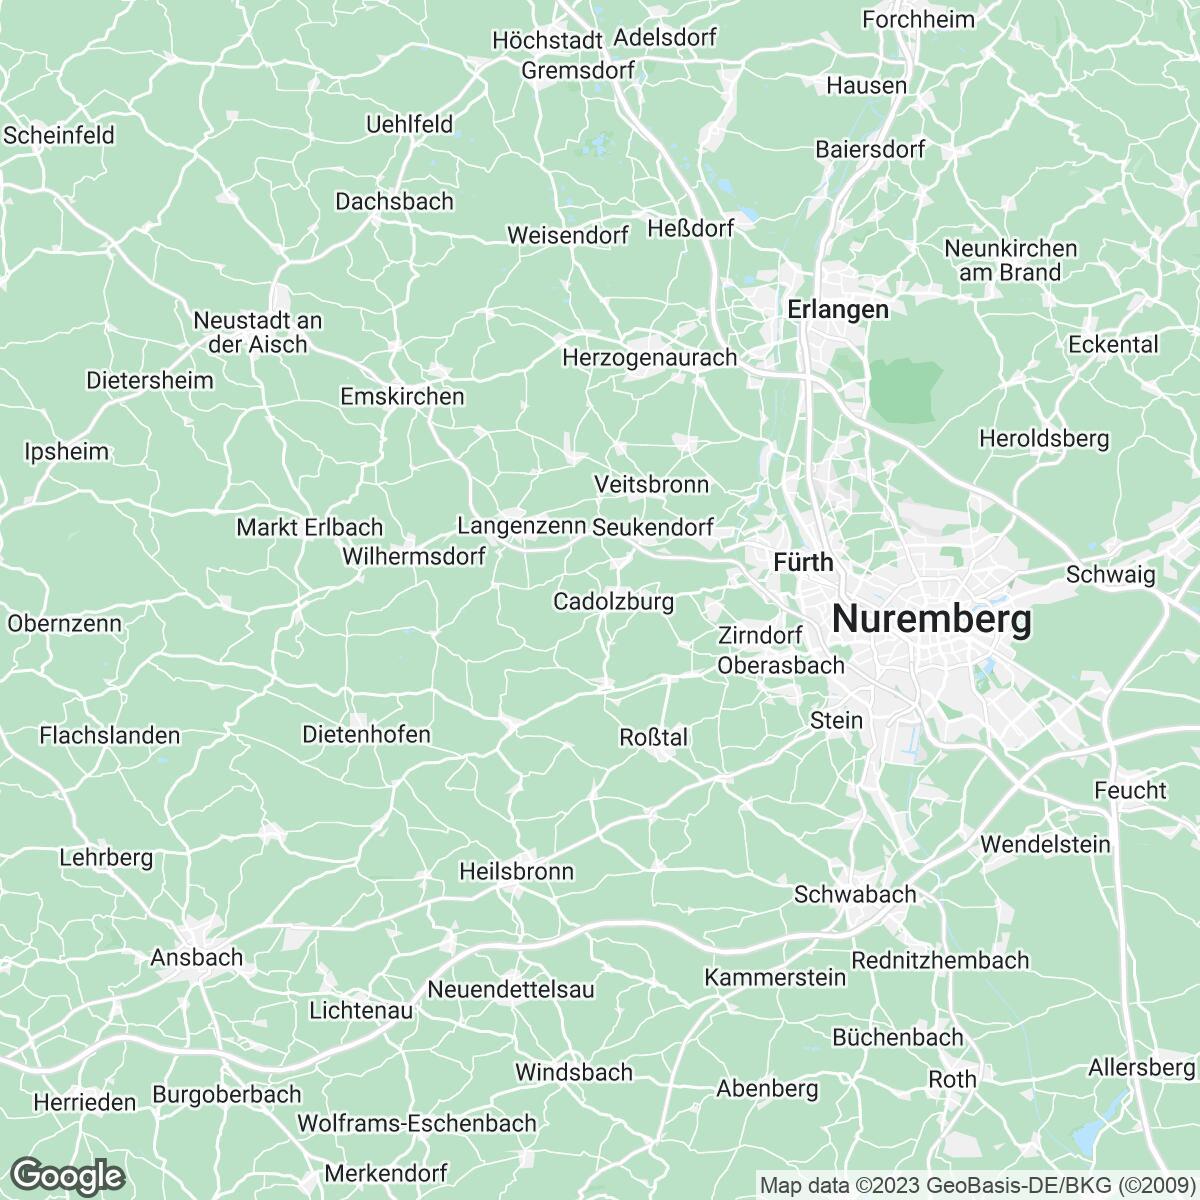 Verkaufsgebiet der Zeitungen Nürnberger Nachrichten / Nürnberger Zeitung